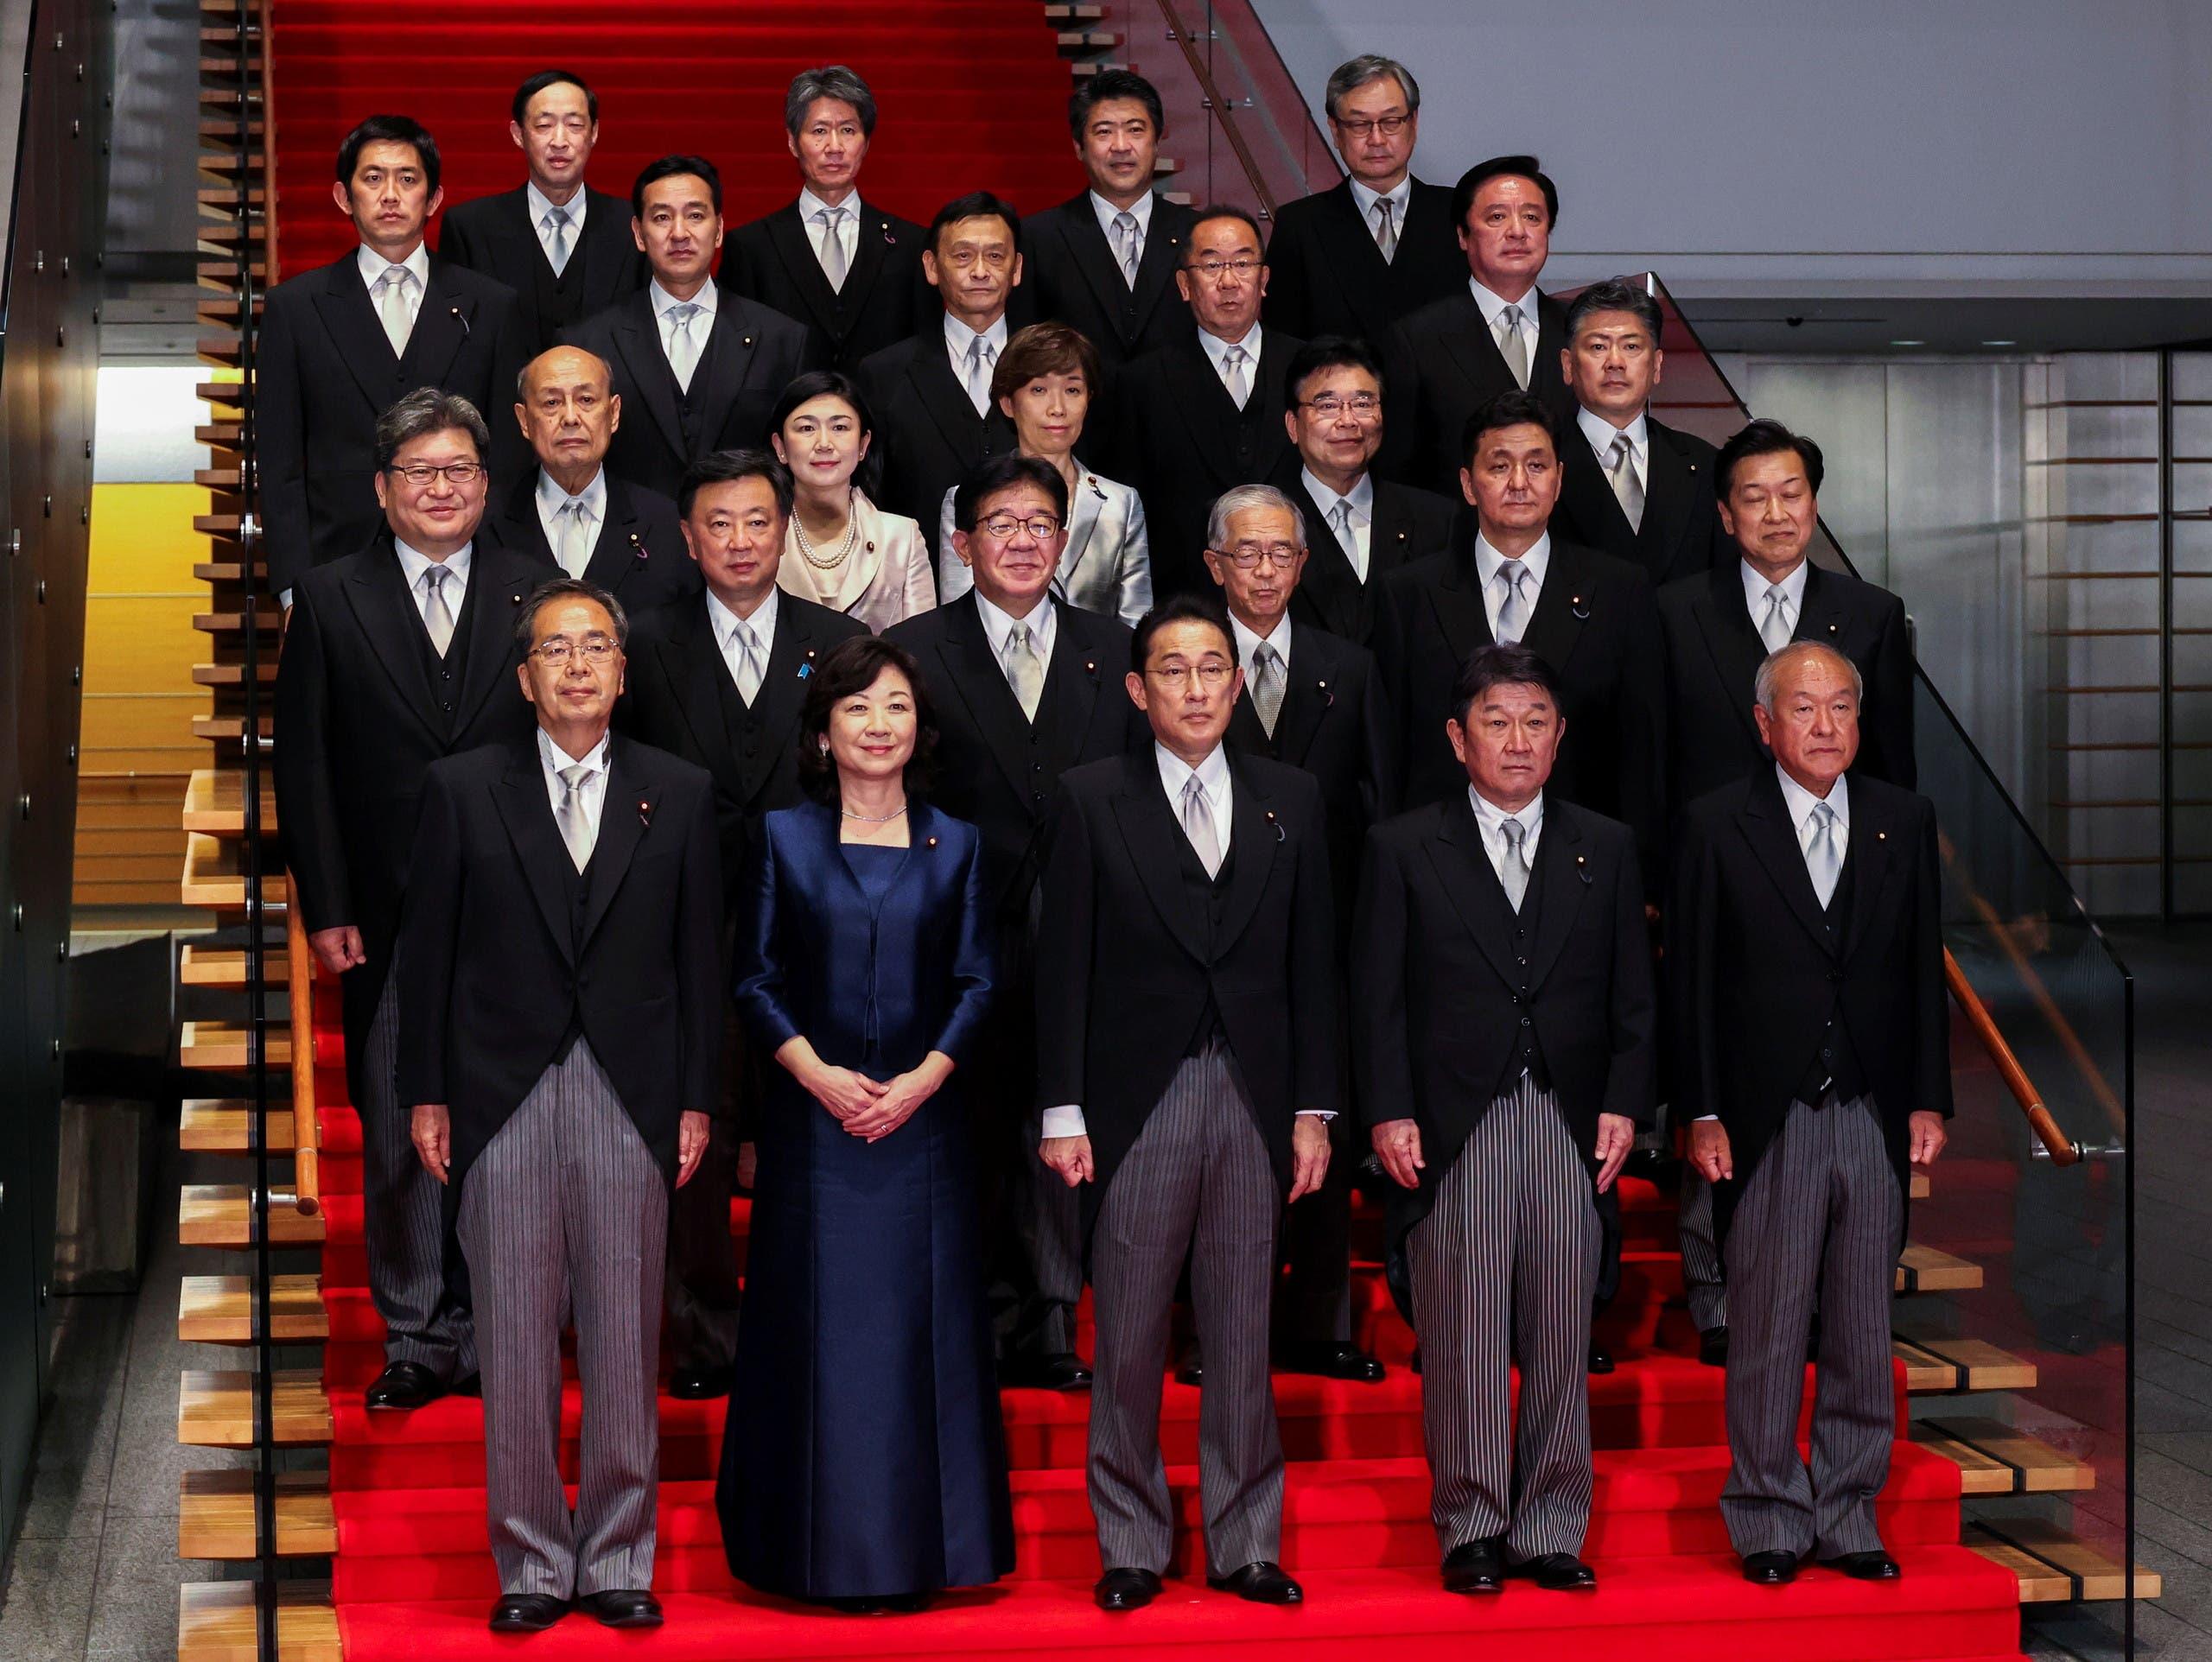 كيشيدا مع الحكومة اليابانية الجديدة